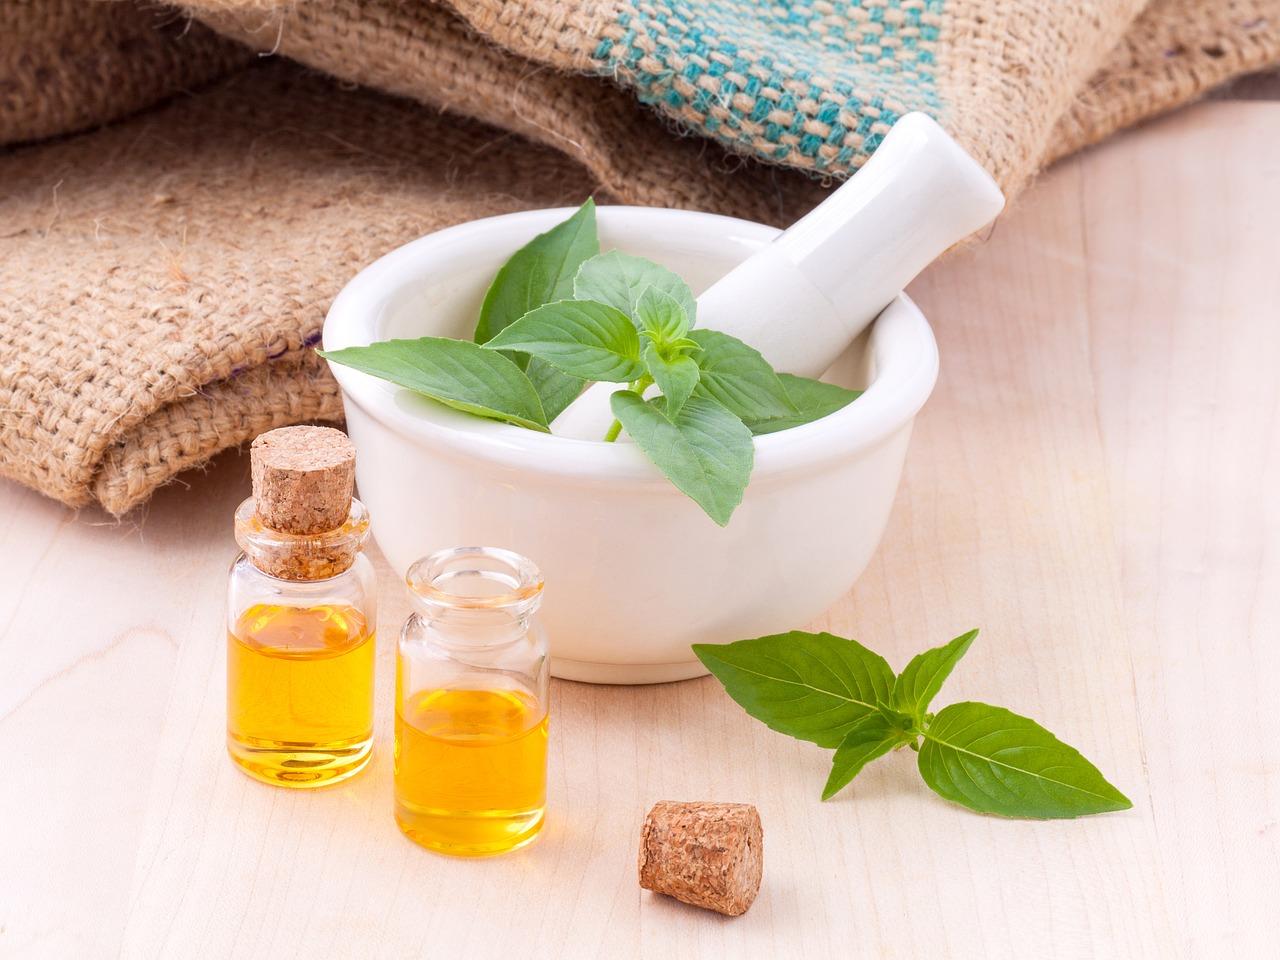 Éliminer les tensions physiques dues au stress grâce au massage